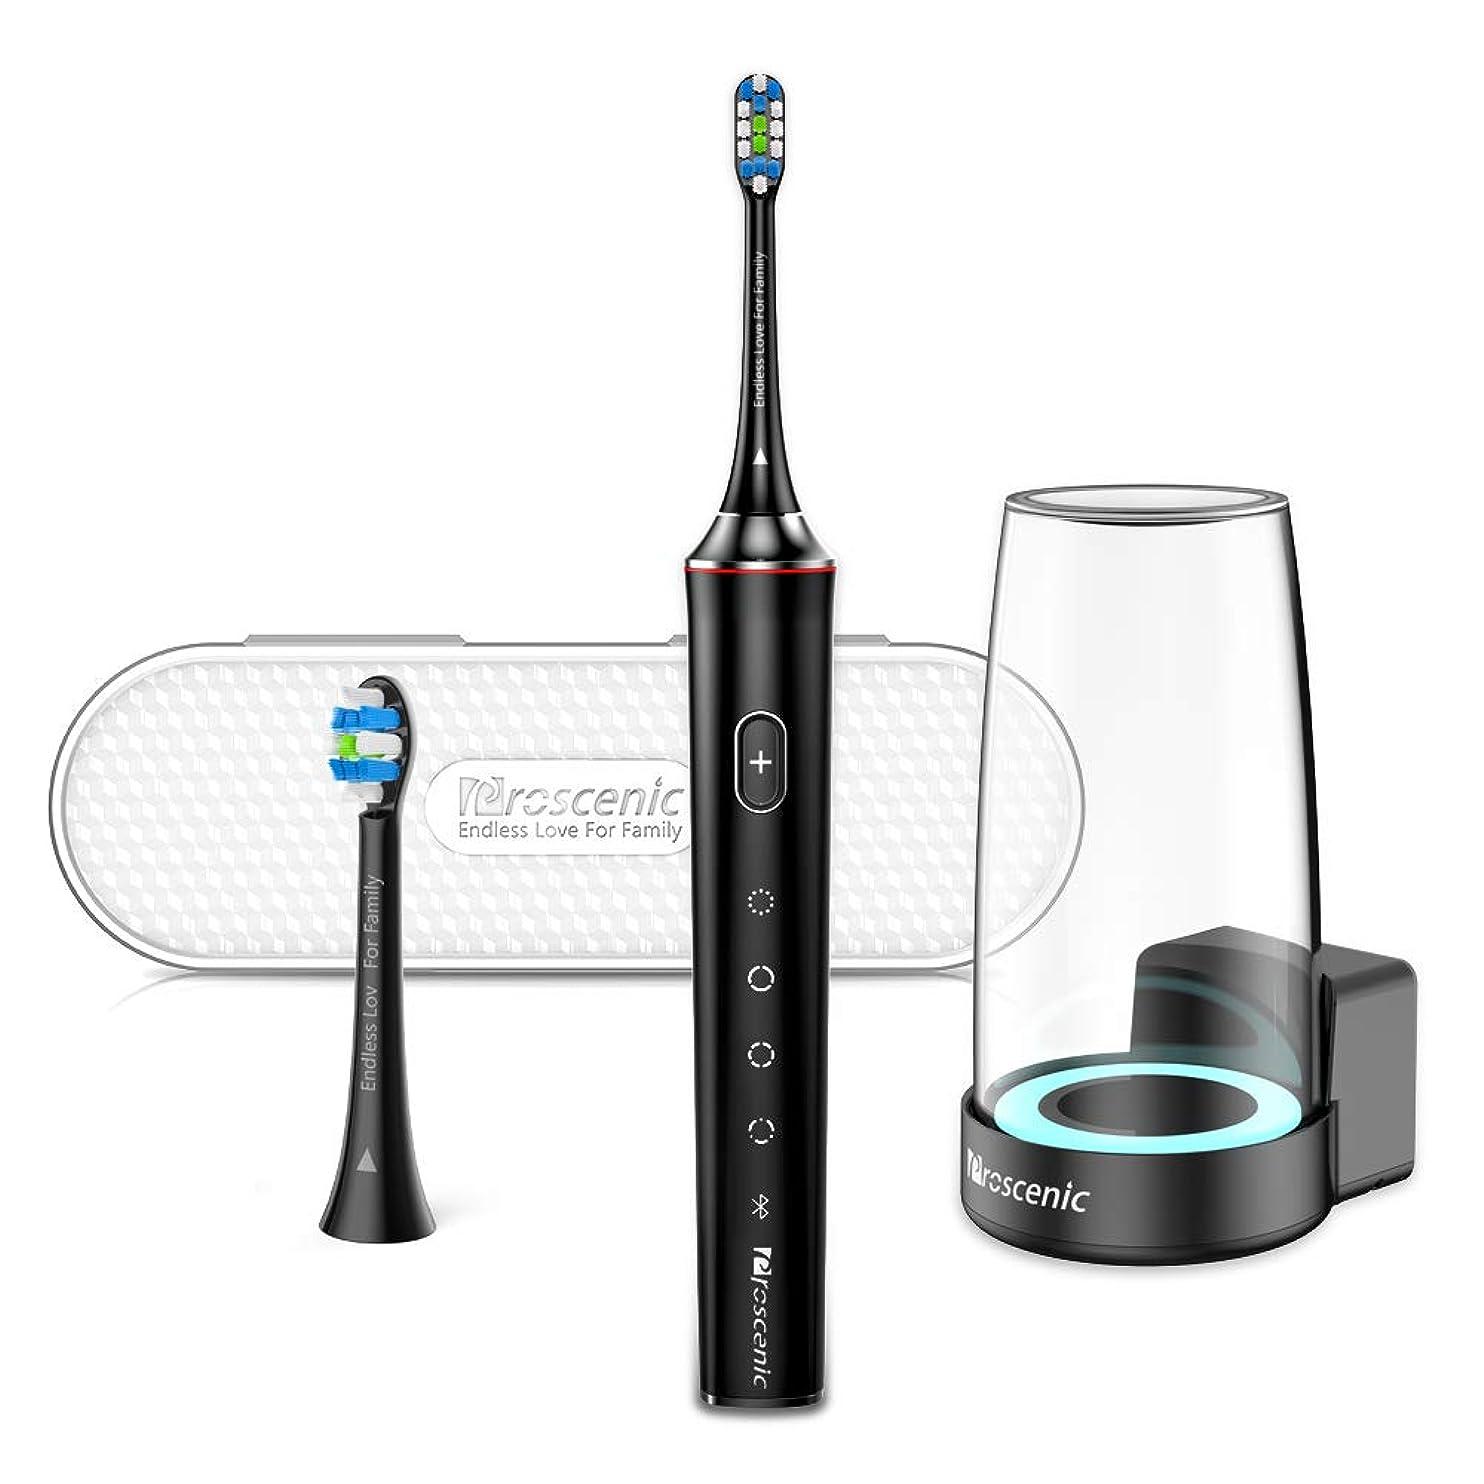 とても最悪定常Proscenic 電動歯ブラシ アプリ制御 壁掛け充電 超音波歯ブラシ 2分タイミング IPX7防水 四つモード搭載 60日使用 替えブラシ2本 (ブラック)